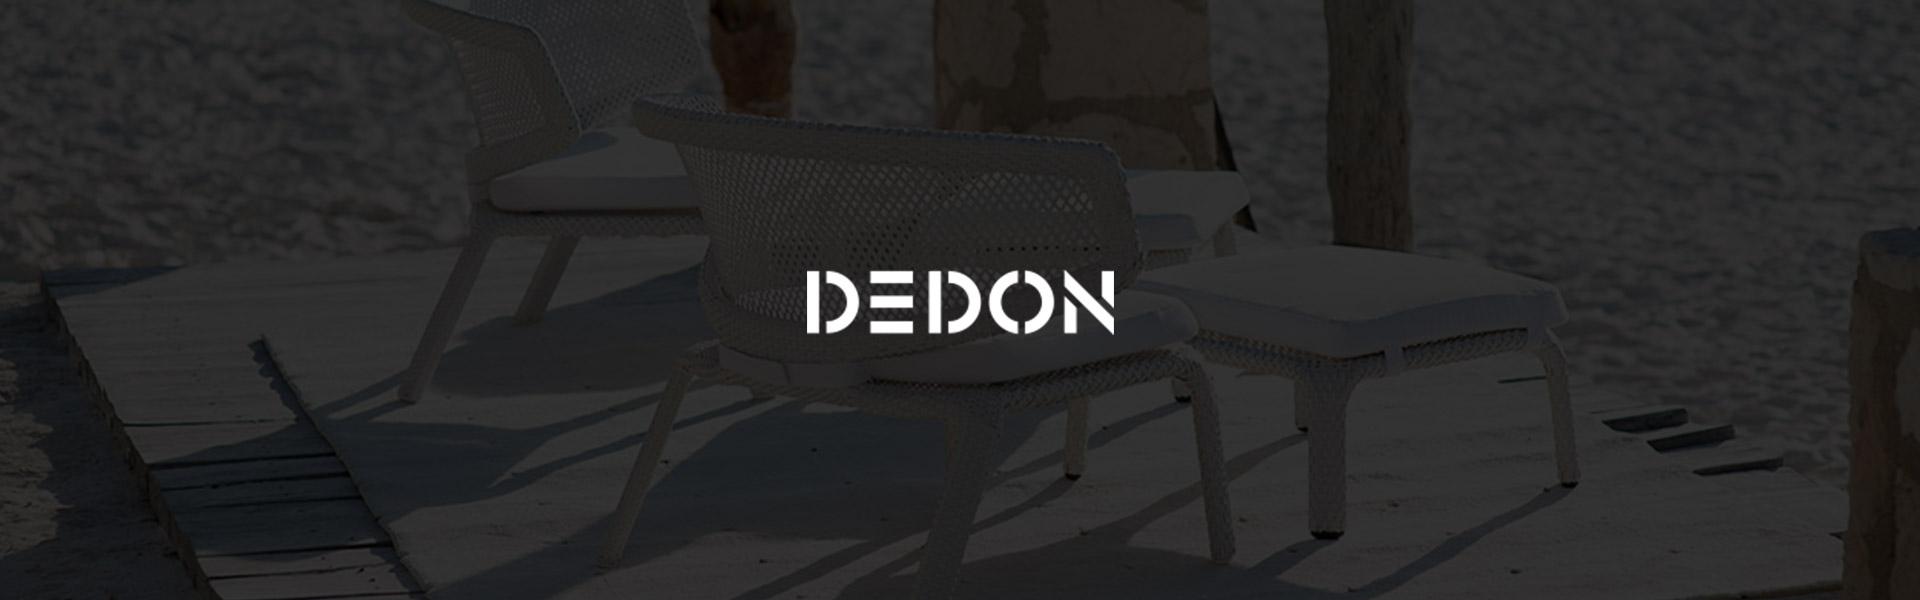 dedon_1